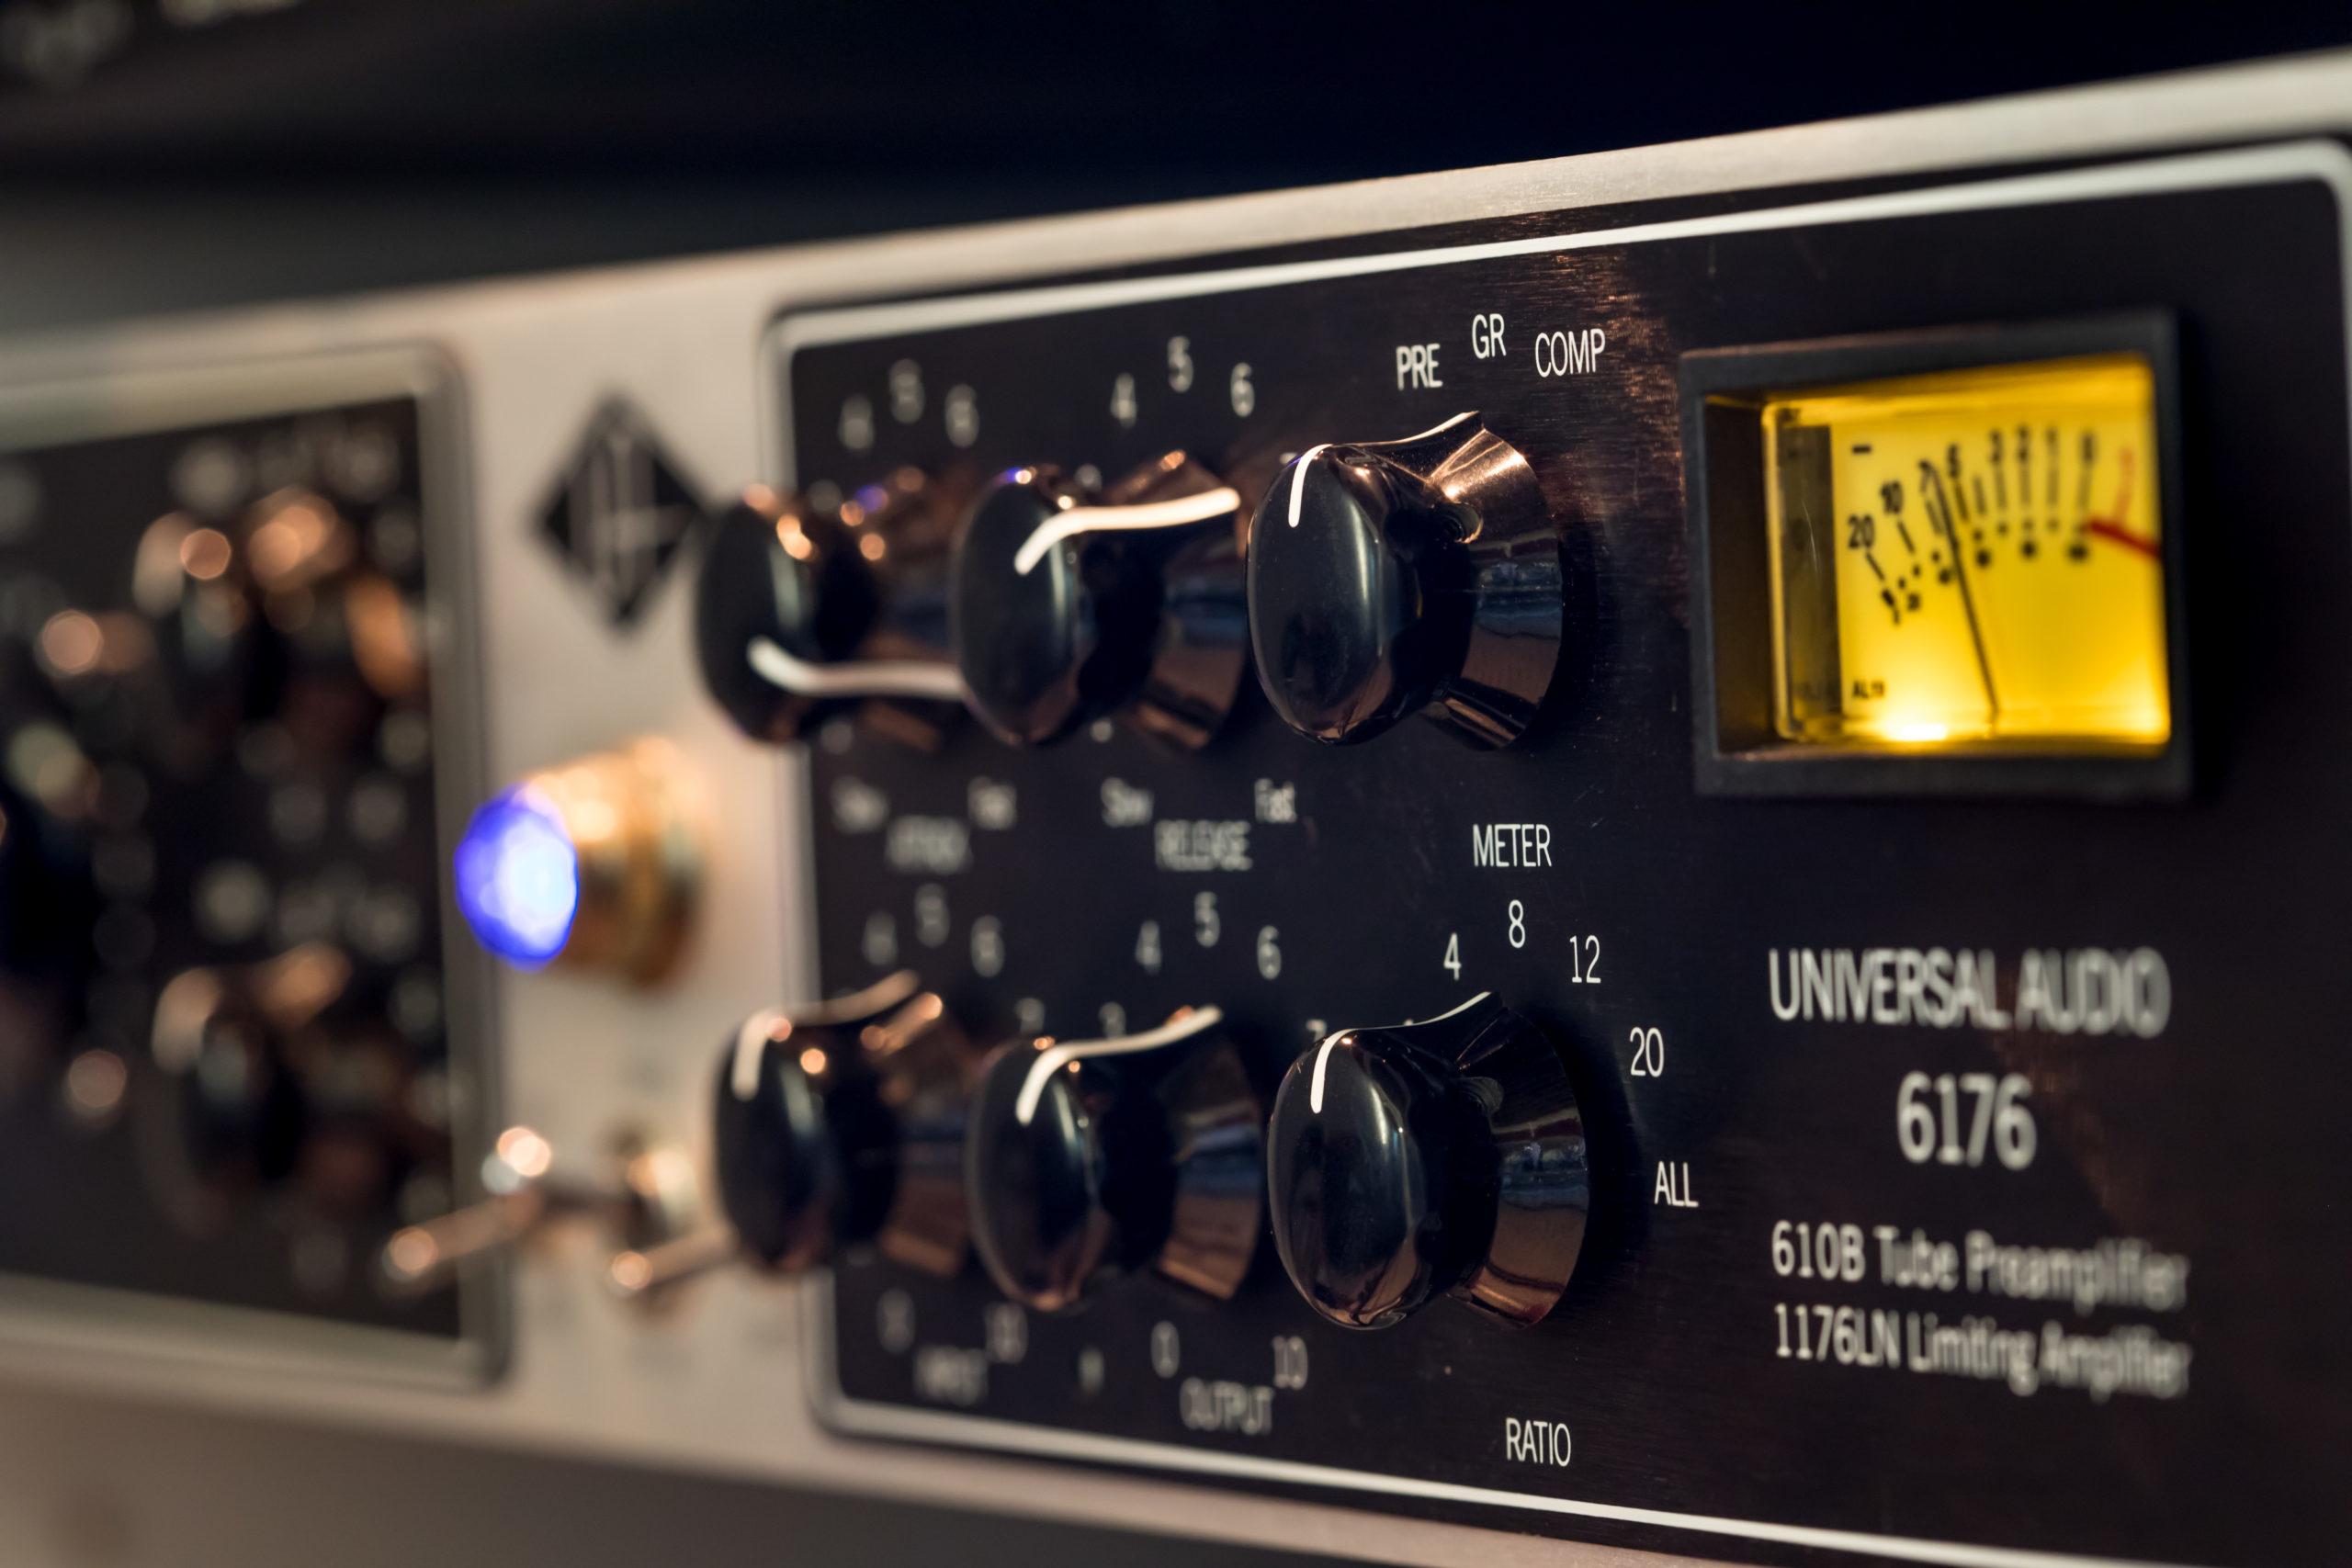 UAD 6172 Flip music